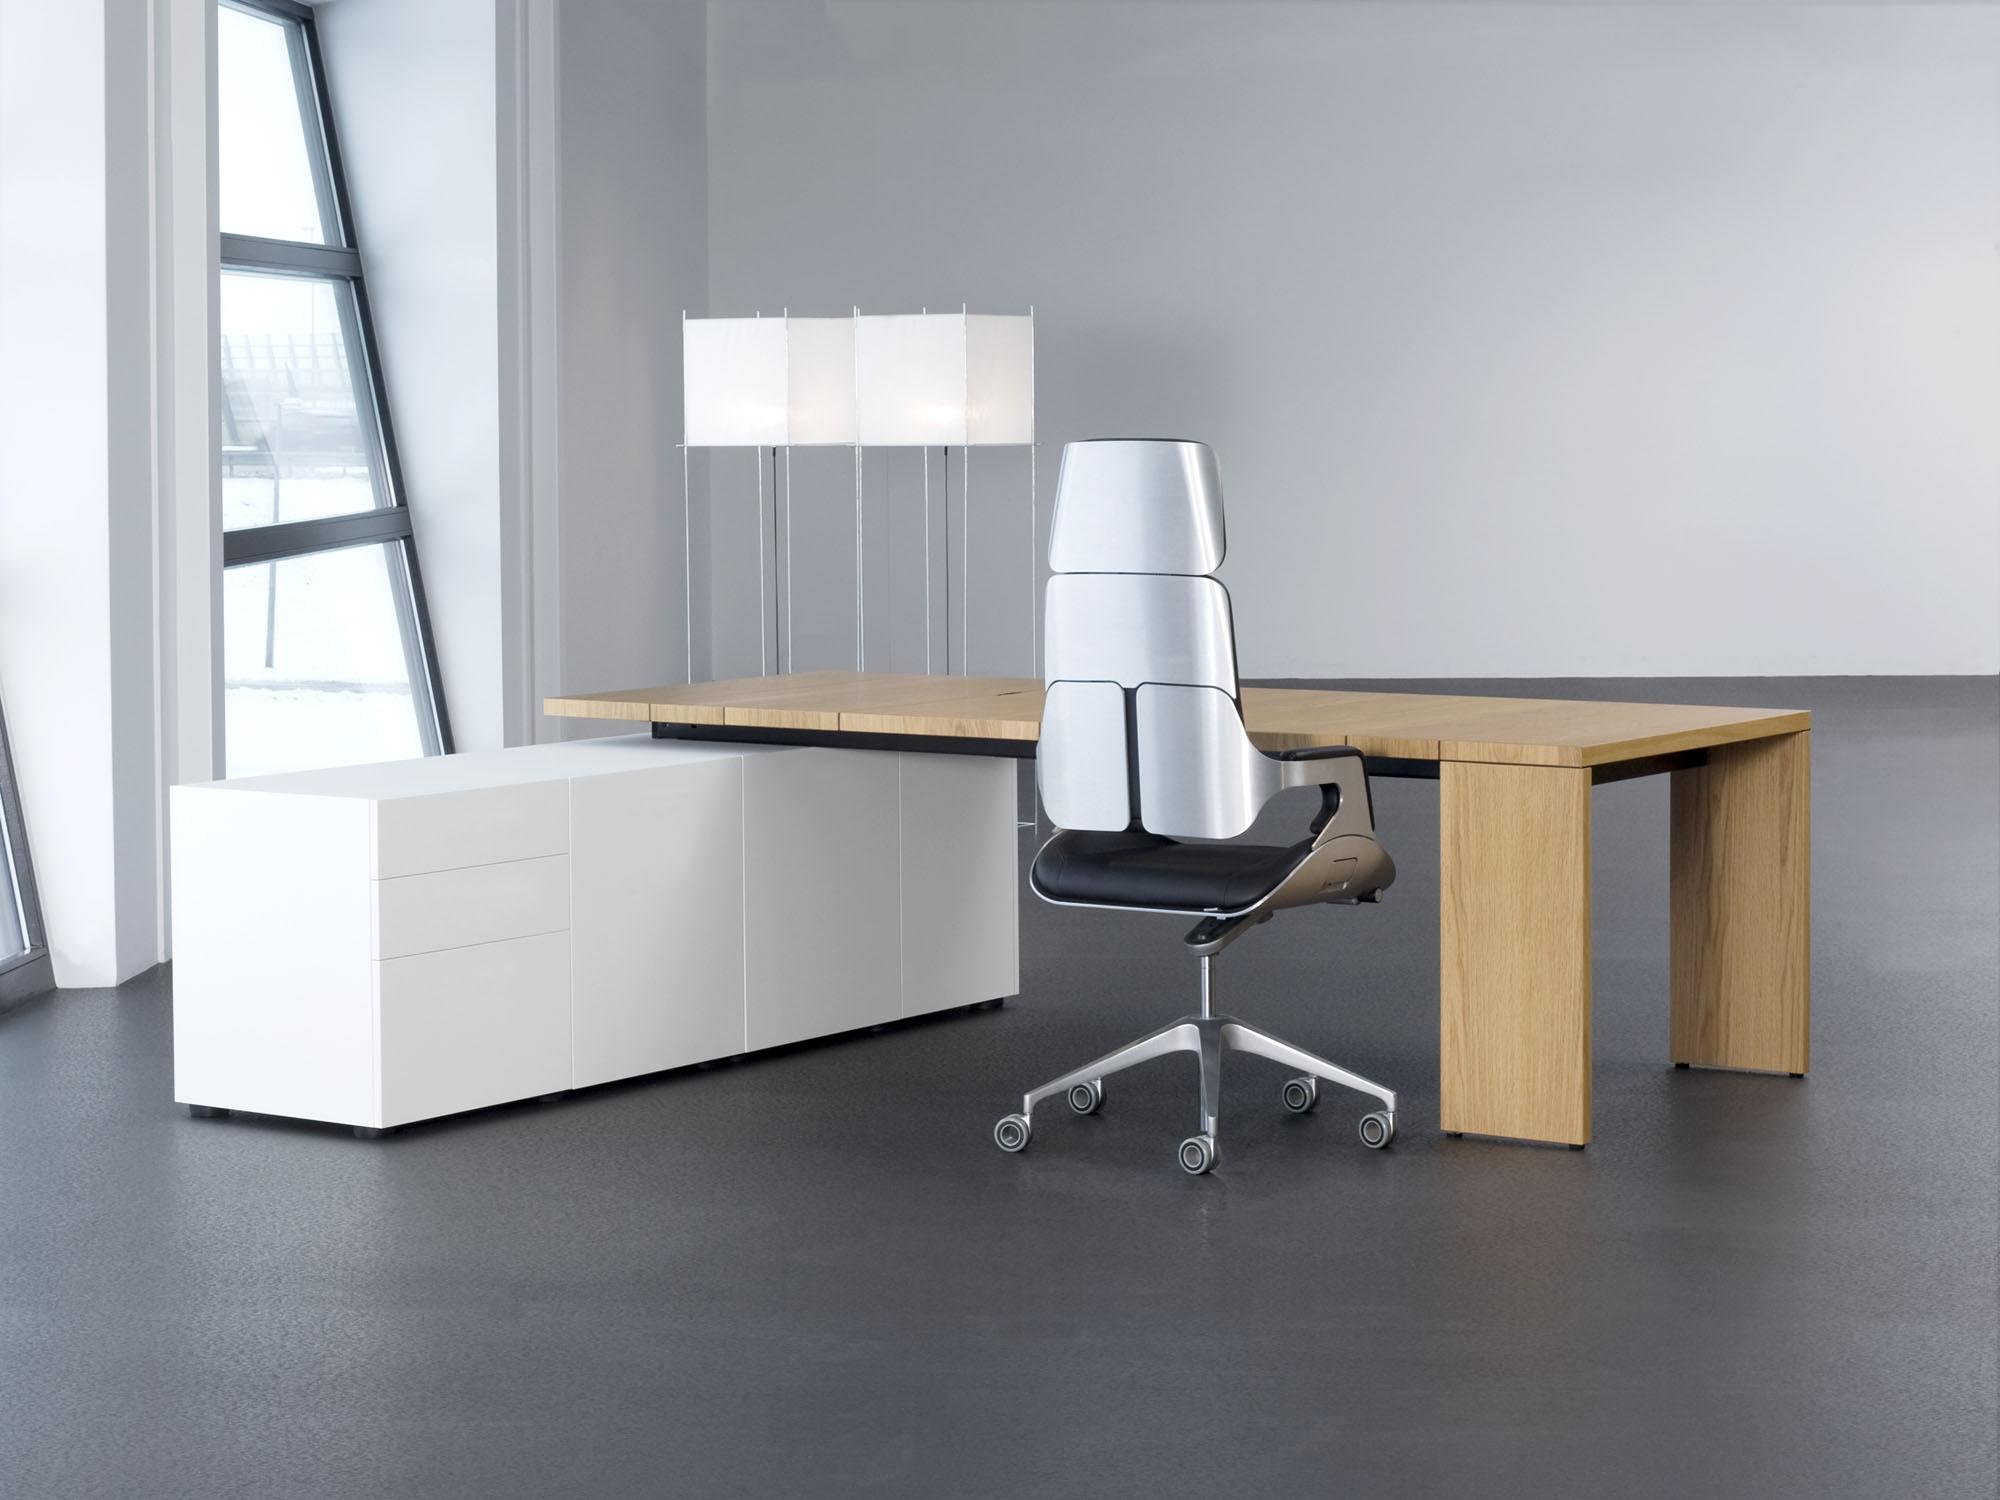 Castelijn directiemeubelen - bureau - bureaustoel Heering Office Den Haag